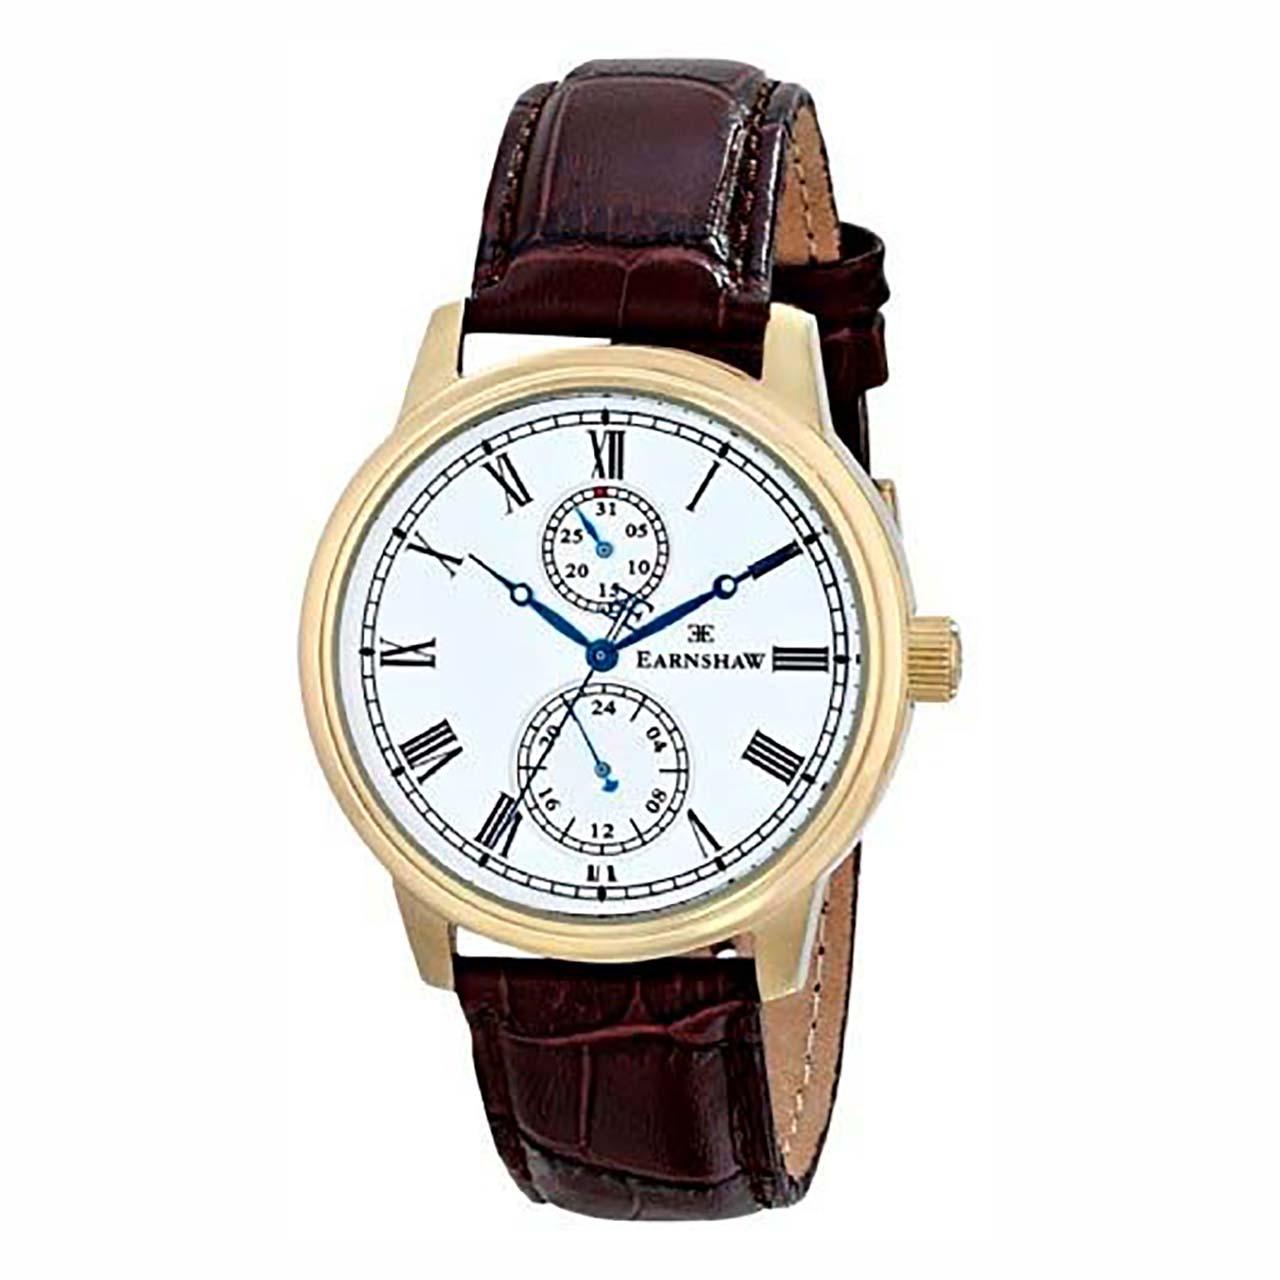 ساعت مچی عقربه ای مردانه ارنشا مدل ES-8002-02 38